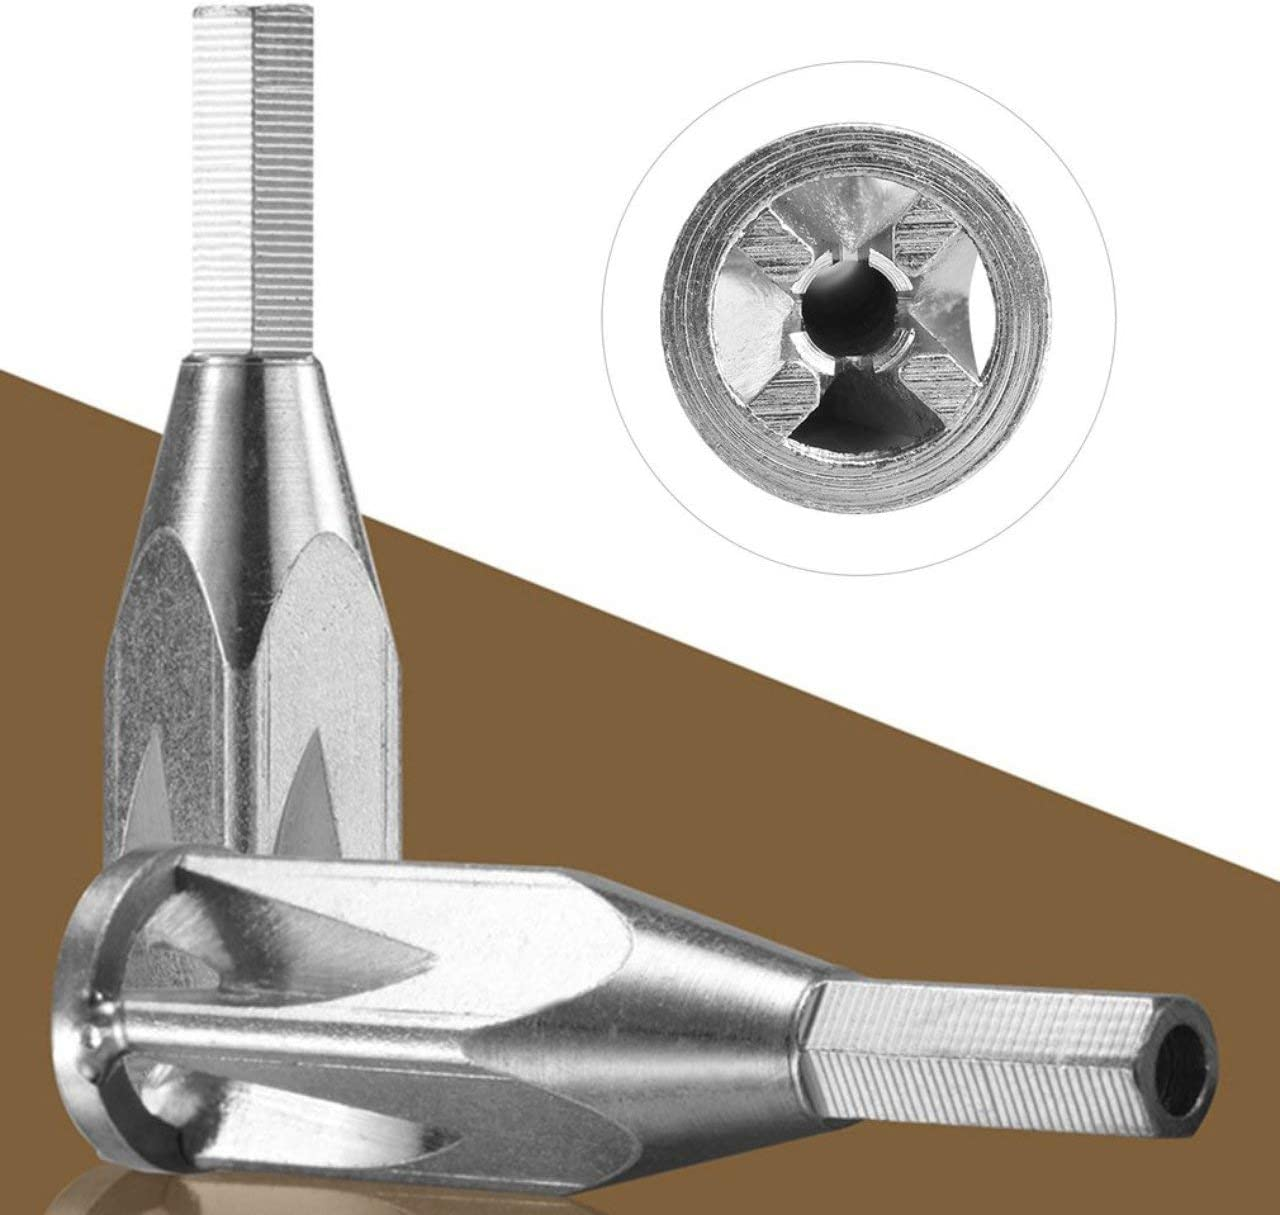 argent 2.5-4 outils de connecteur de fil de torsion de fil de machine de torsion de fil de machine de torsion automatique de torsion se d/écollant pour la perceuse /électrique FRjasnyfall